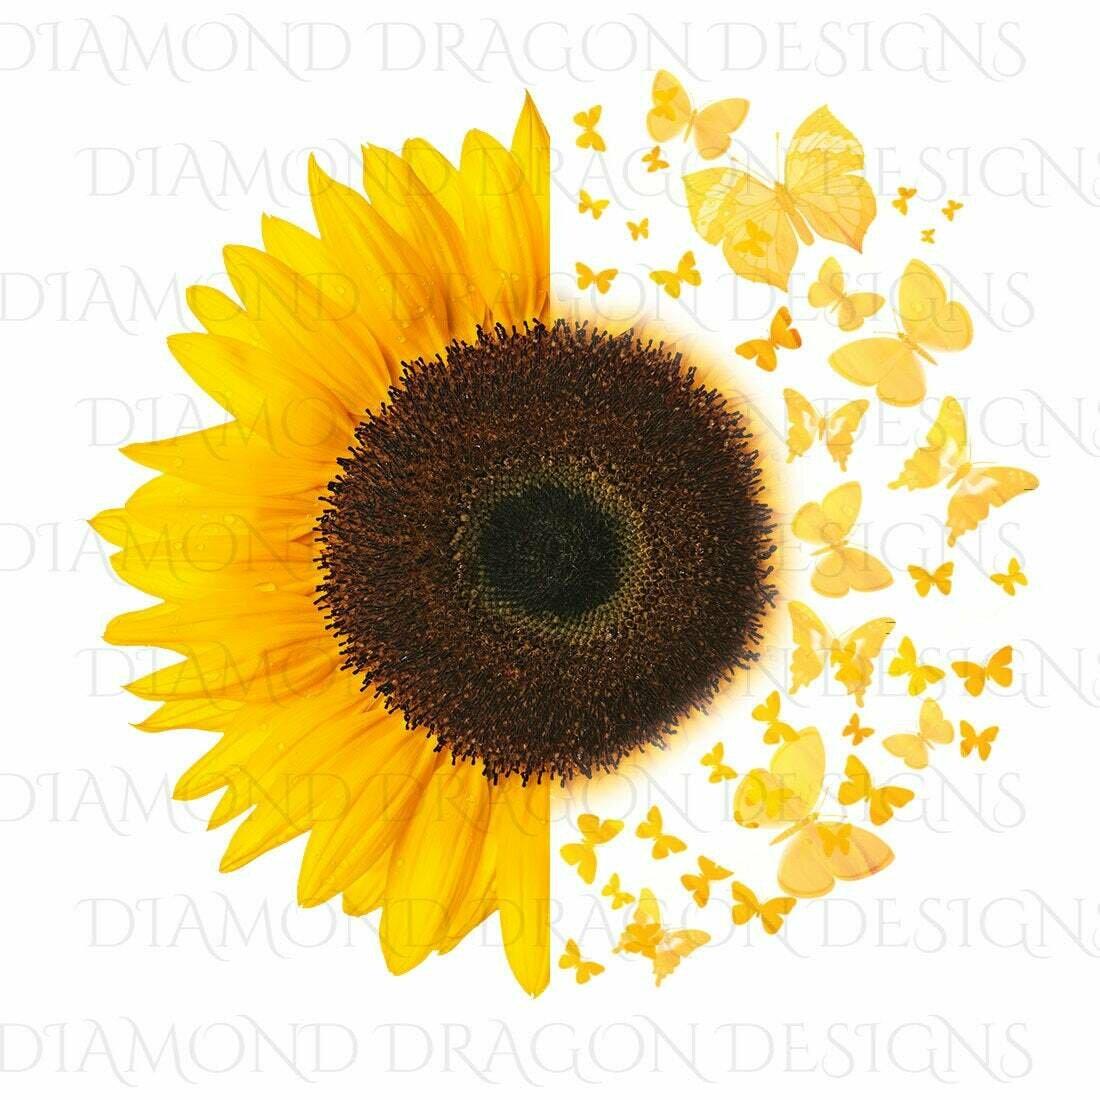 Sunflowers - Half Sunflower, Butterfly Sunflower, Butterflies, Yellow Sunflower, Waterslide